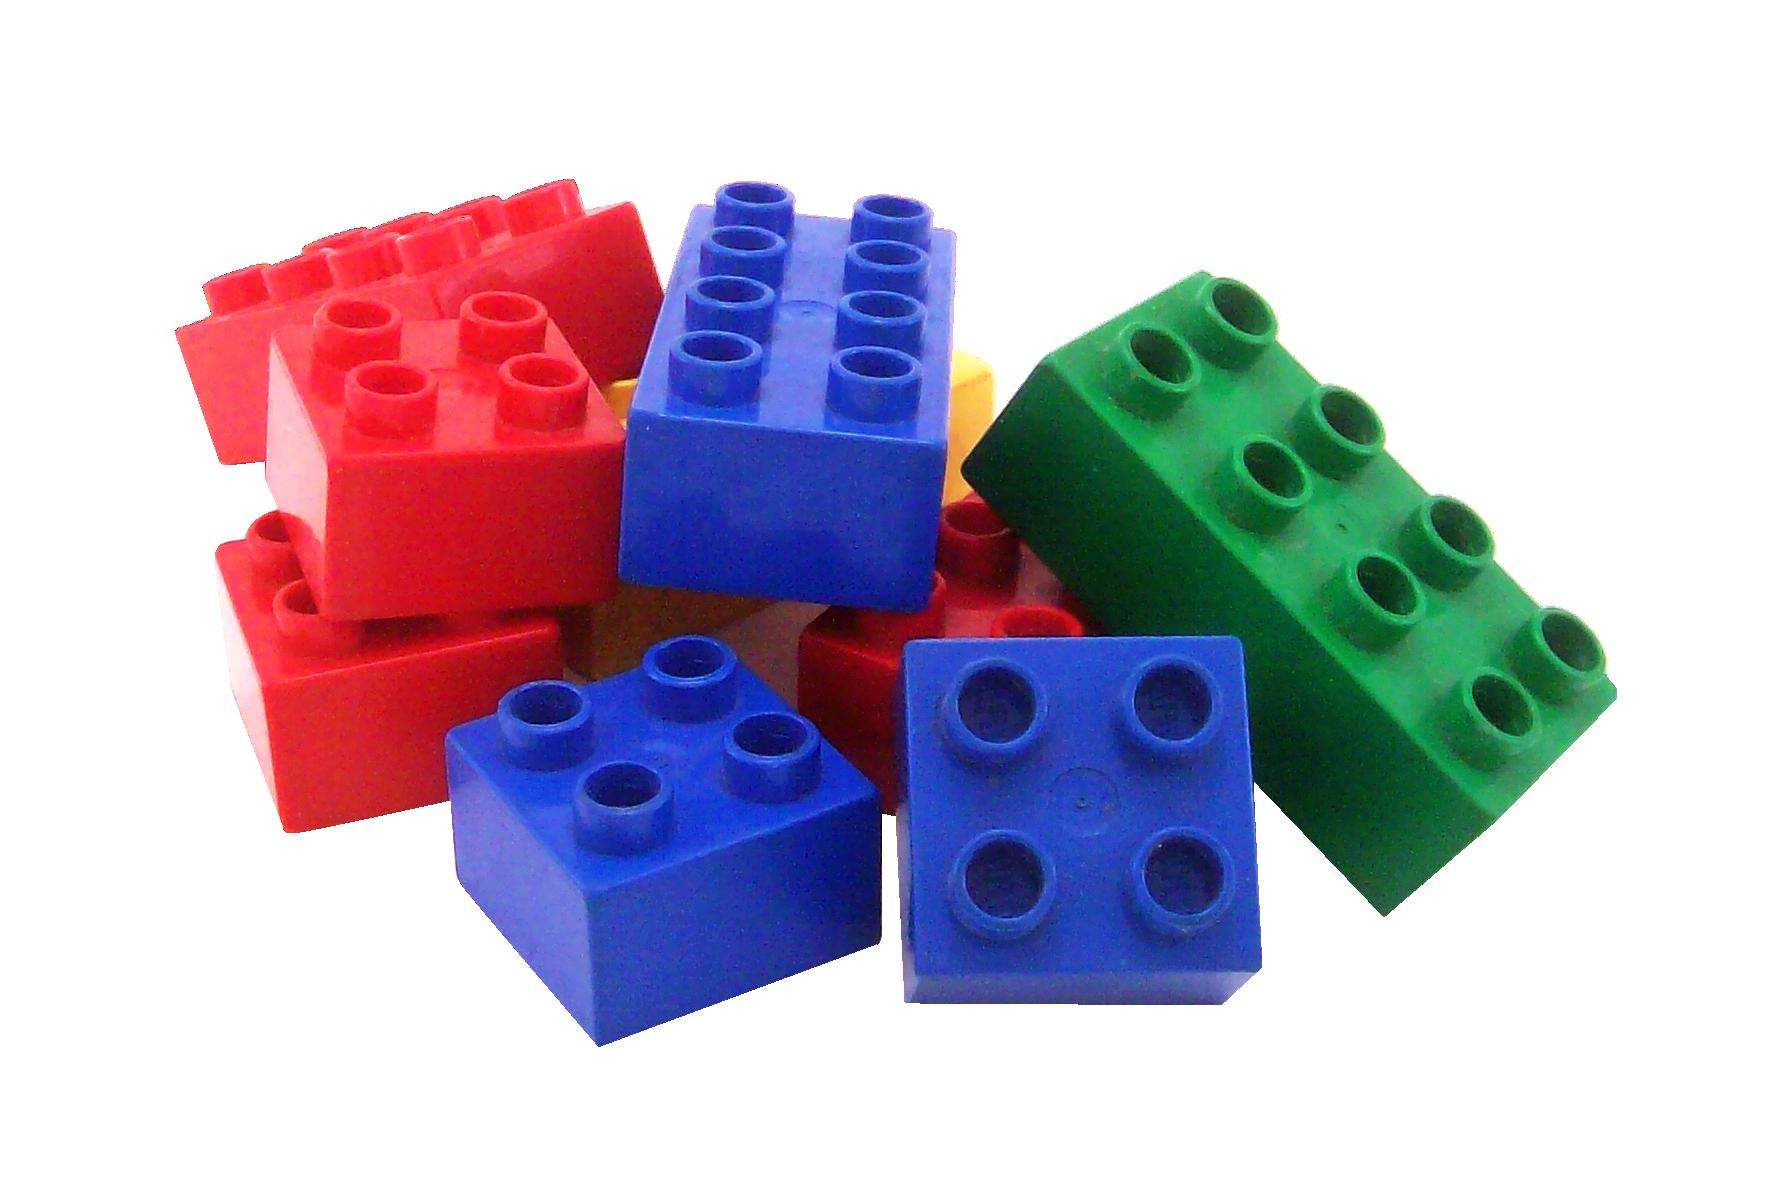 Lego bricks png image. Legos clipart plastic block